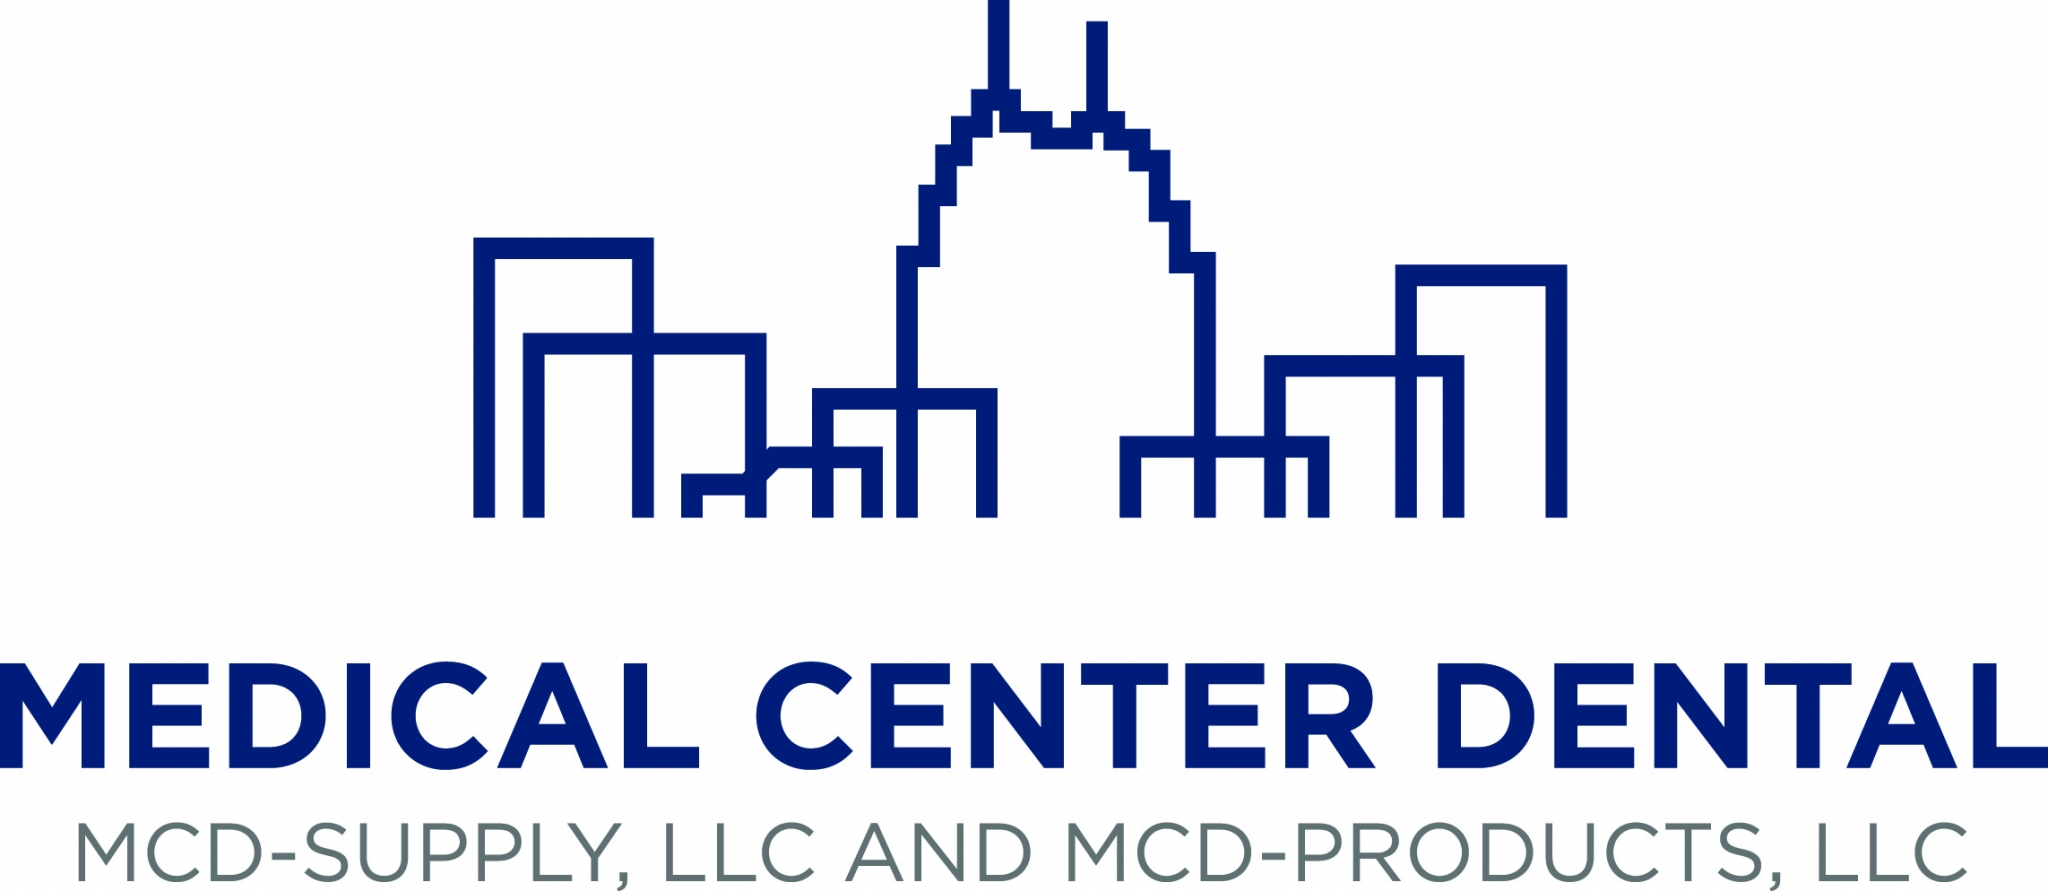 MCD_logo3